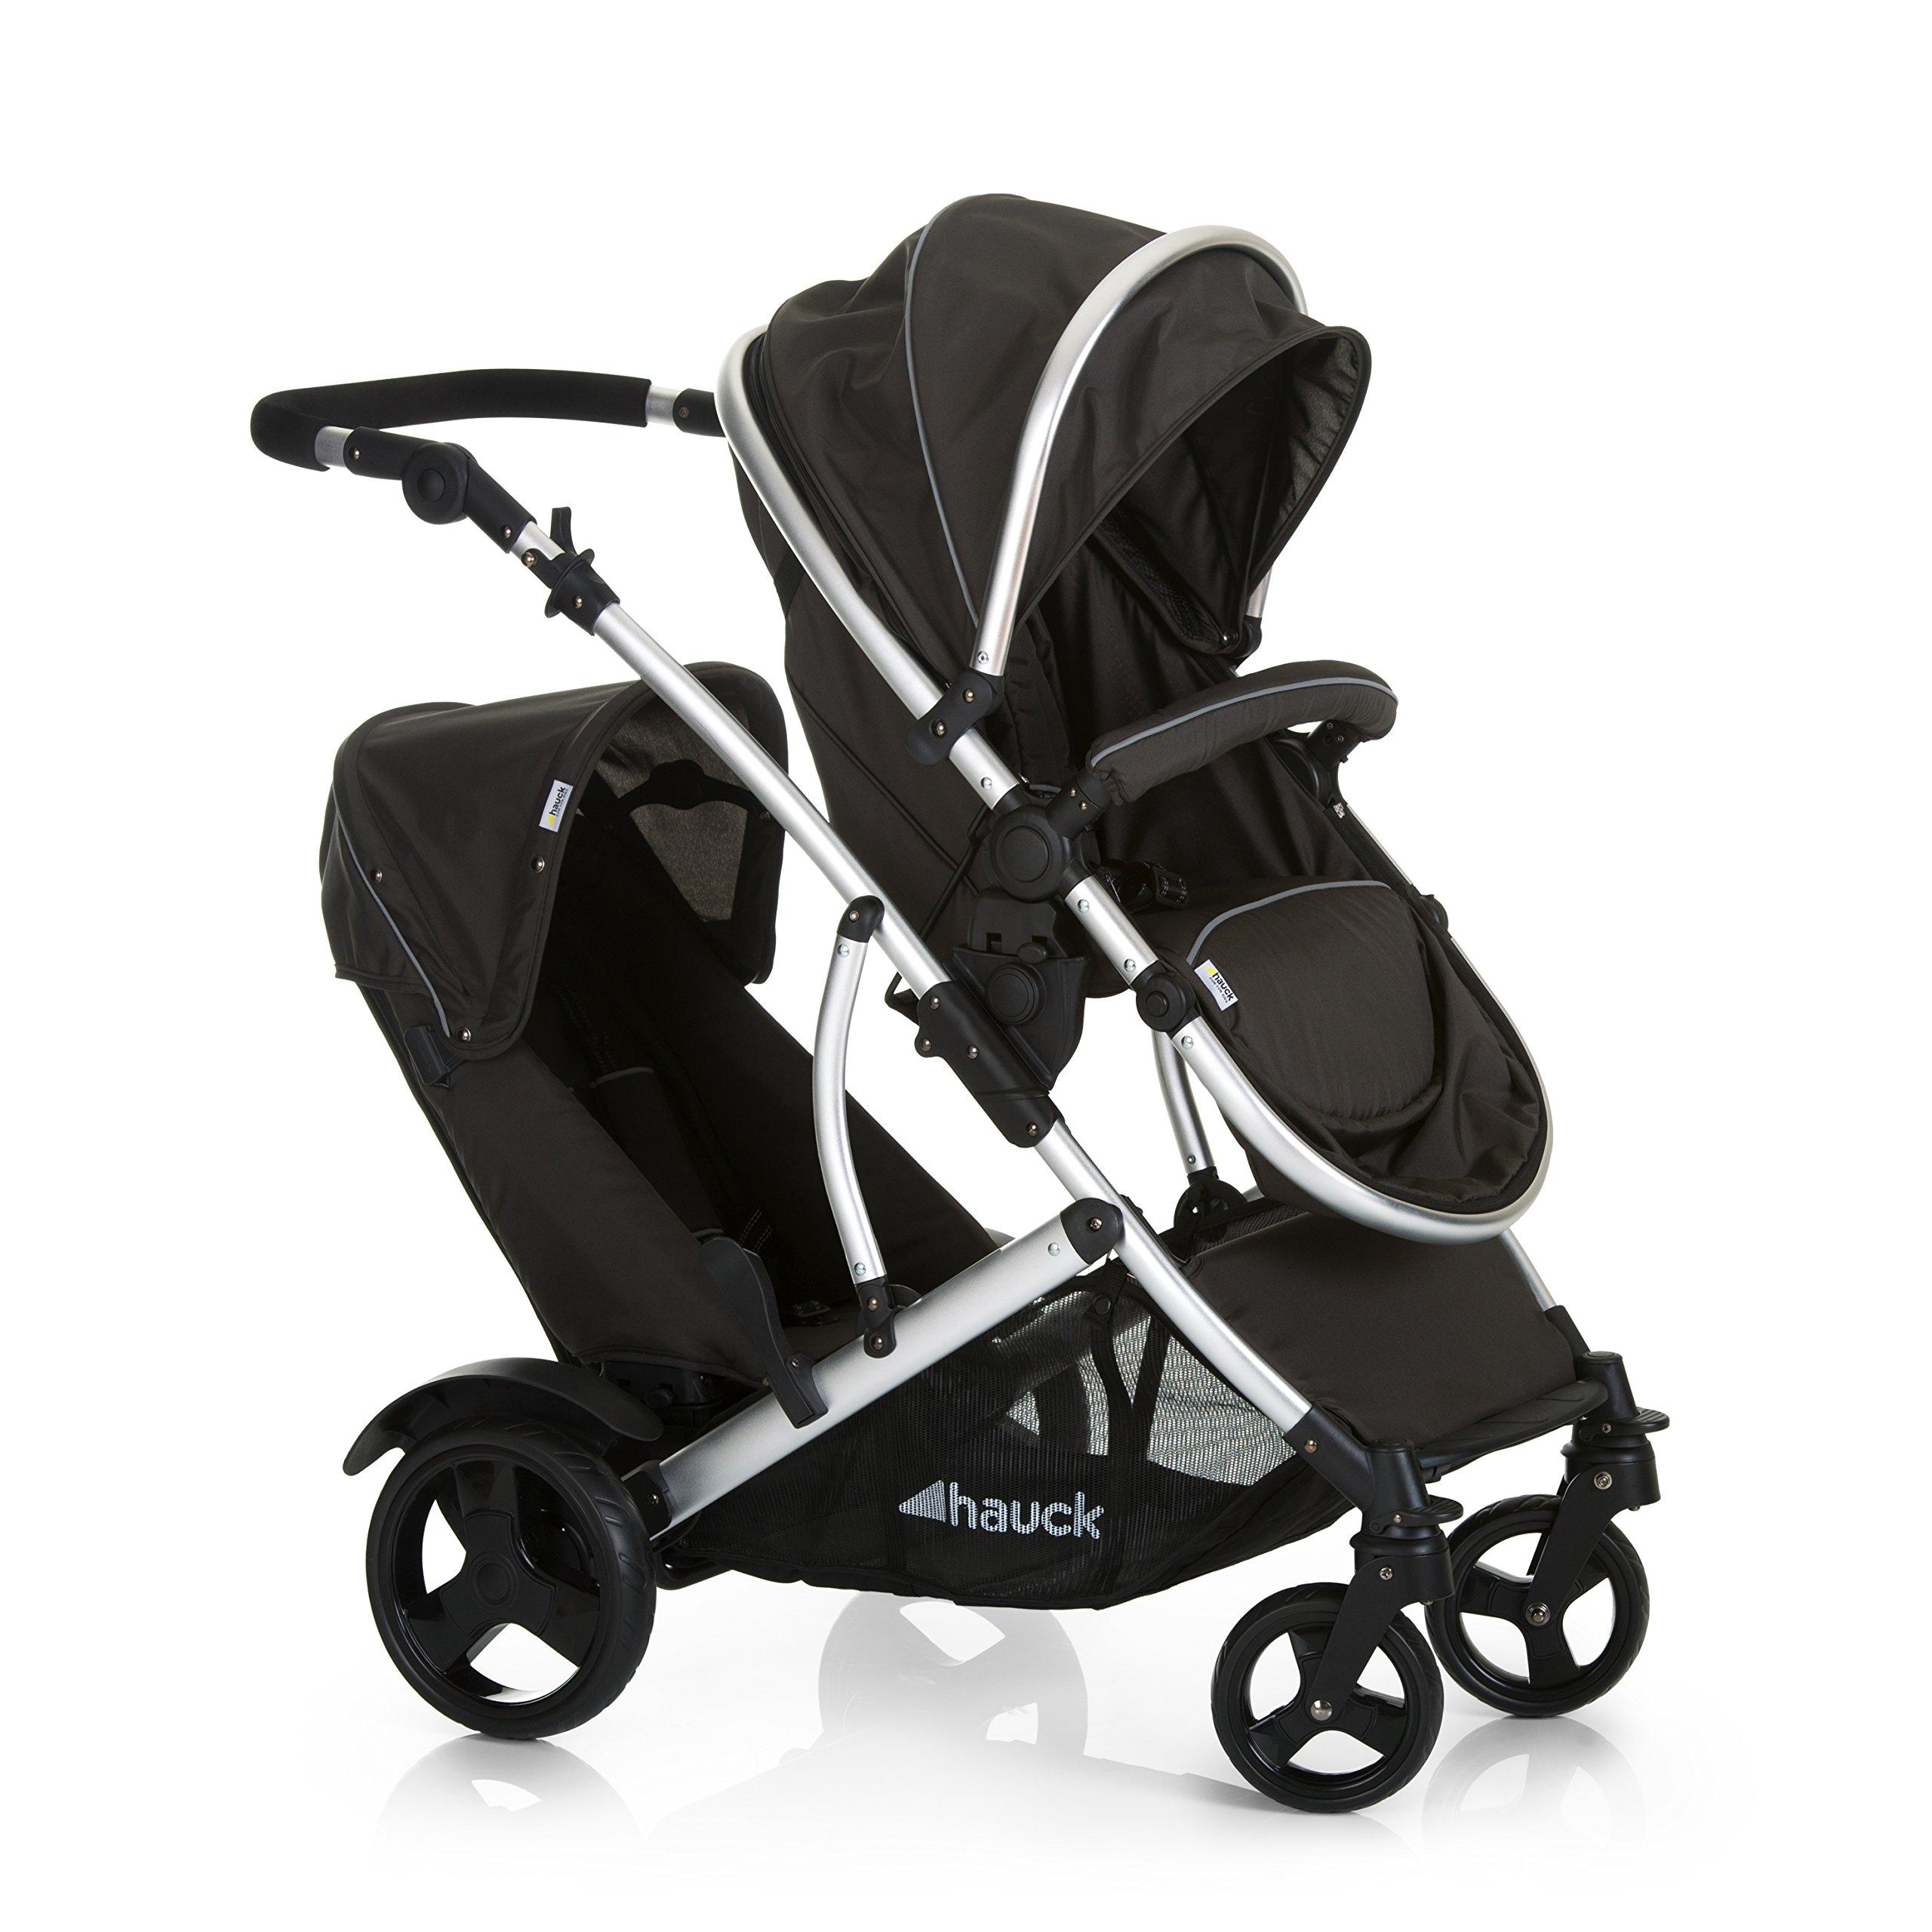 Hauck Duett 2 Geschwisterwagen bis 36 kg, Zwillingsbuggy mit Babywanne ab Geburt umbaubar zur drehbaren Sitzeinheit…